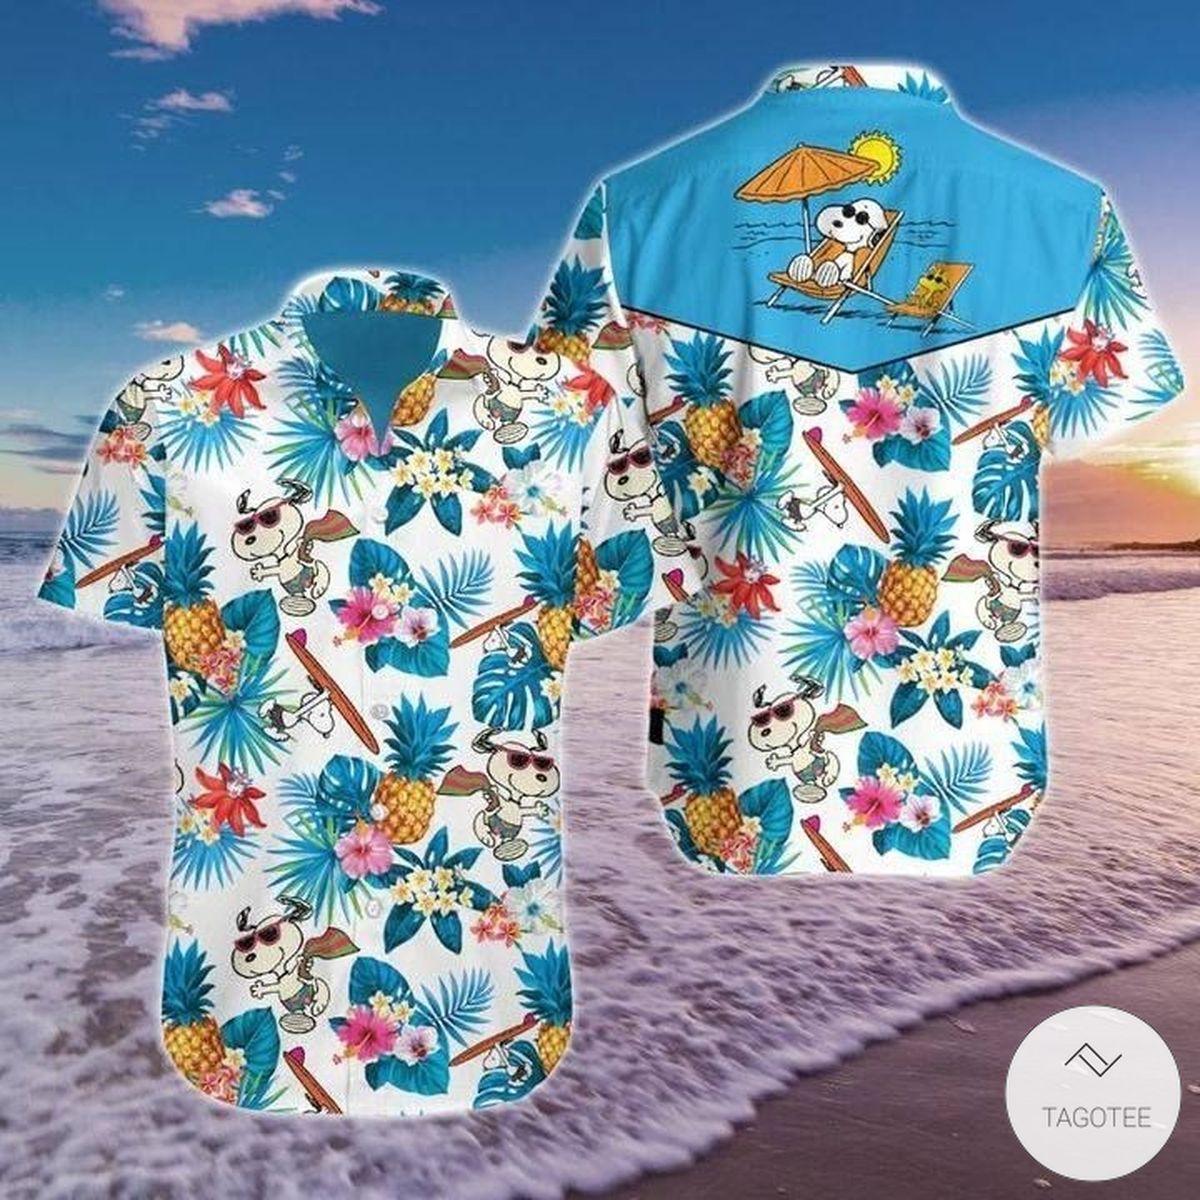 Snoopy Tropical Summer Hawaiian Shirt